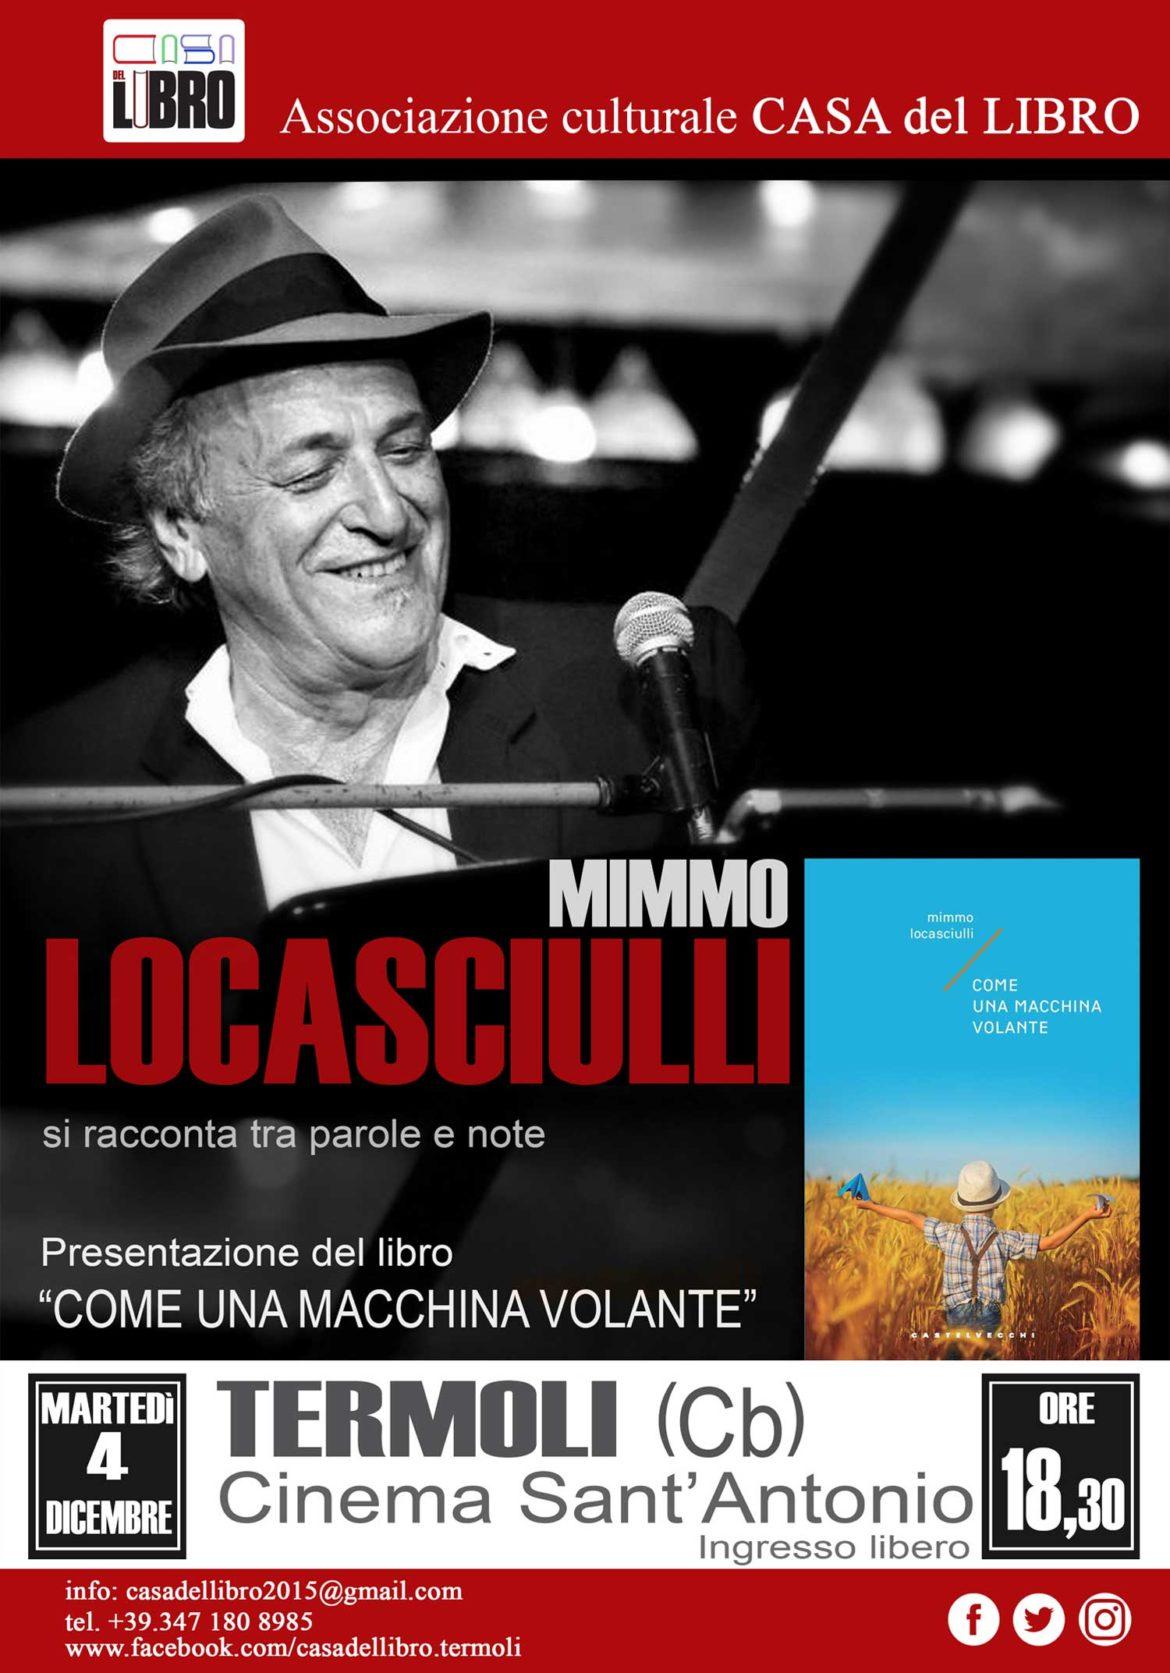 """Il cantautore Mimmo Locasciulli ospite della 'Casa del Libro' presenta il libro """"Come una macchina volante"""""""